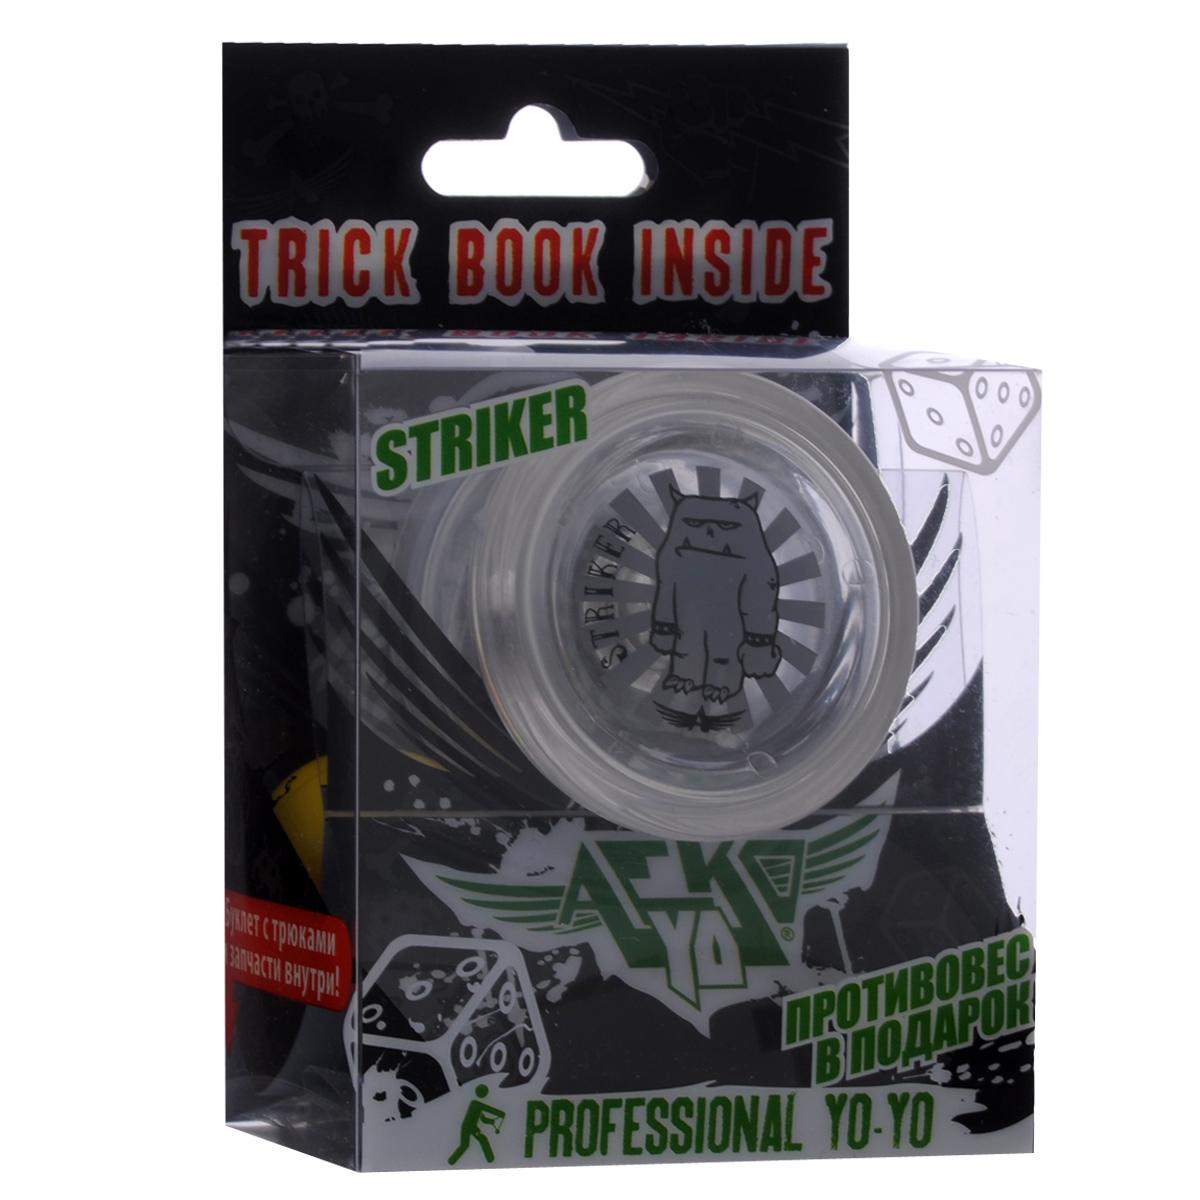 Йо-йо Aero Striker, цвет: белый732011_белыйЙо-йо Aero Striker - это переработанная версия бестселлера Cryptic Arc. Отличается отличным распределением веса, подшипником с канавкой для центровки веревки, мягкой тормозной системой, что отличает йо-йо Striker от низкокачественных игрушек-однодневок и позволяет освоить множество продвинутых трюков. Профессиональное пластиковое йо-йо, которое не оставит равнодушным игрока любого уровня. Игрушка состоит из двух симметричных половинок соединенных осью, к которой прикреплена веревка. Тип подшипника: Grooved D. Йо-йо упакован в металлическую упаковку с окошком.